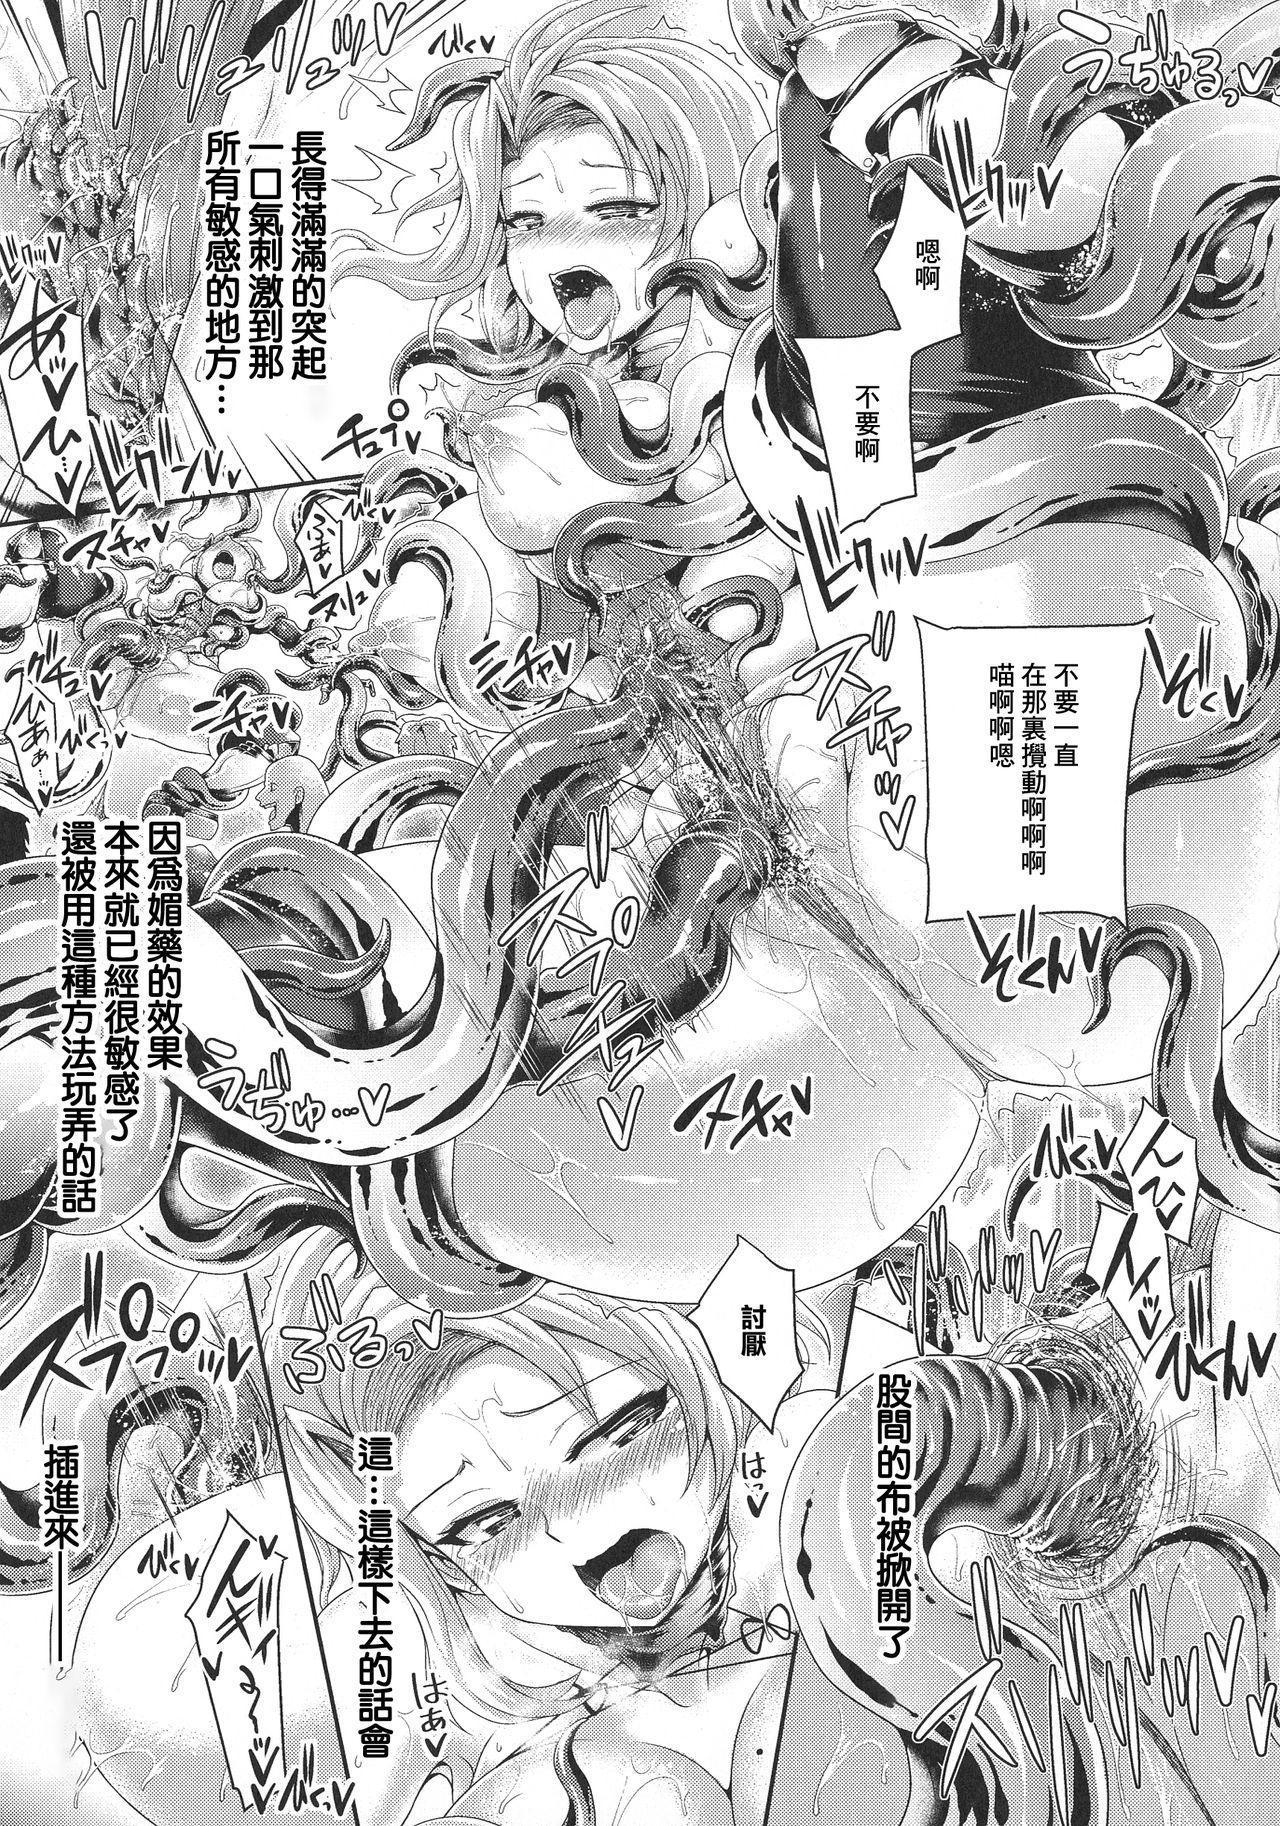 Futanari Gal Brave - Tsuiteru Gal Yuusha Isekai no ji ni Botsu 125